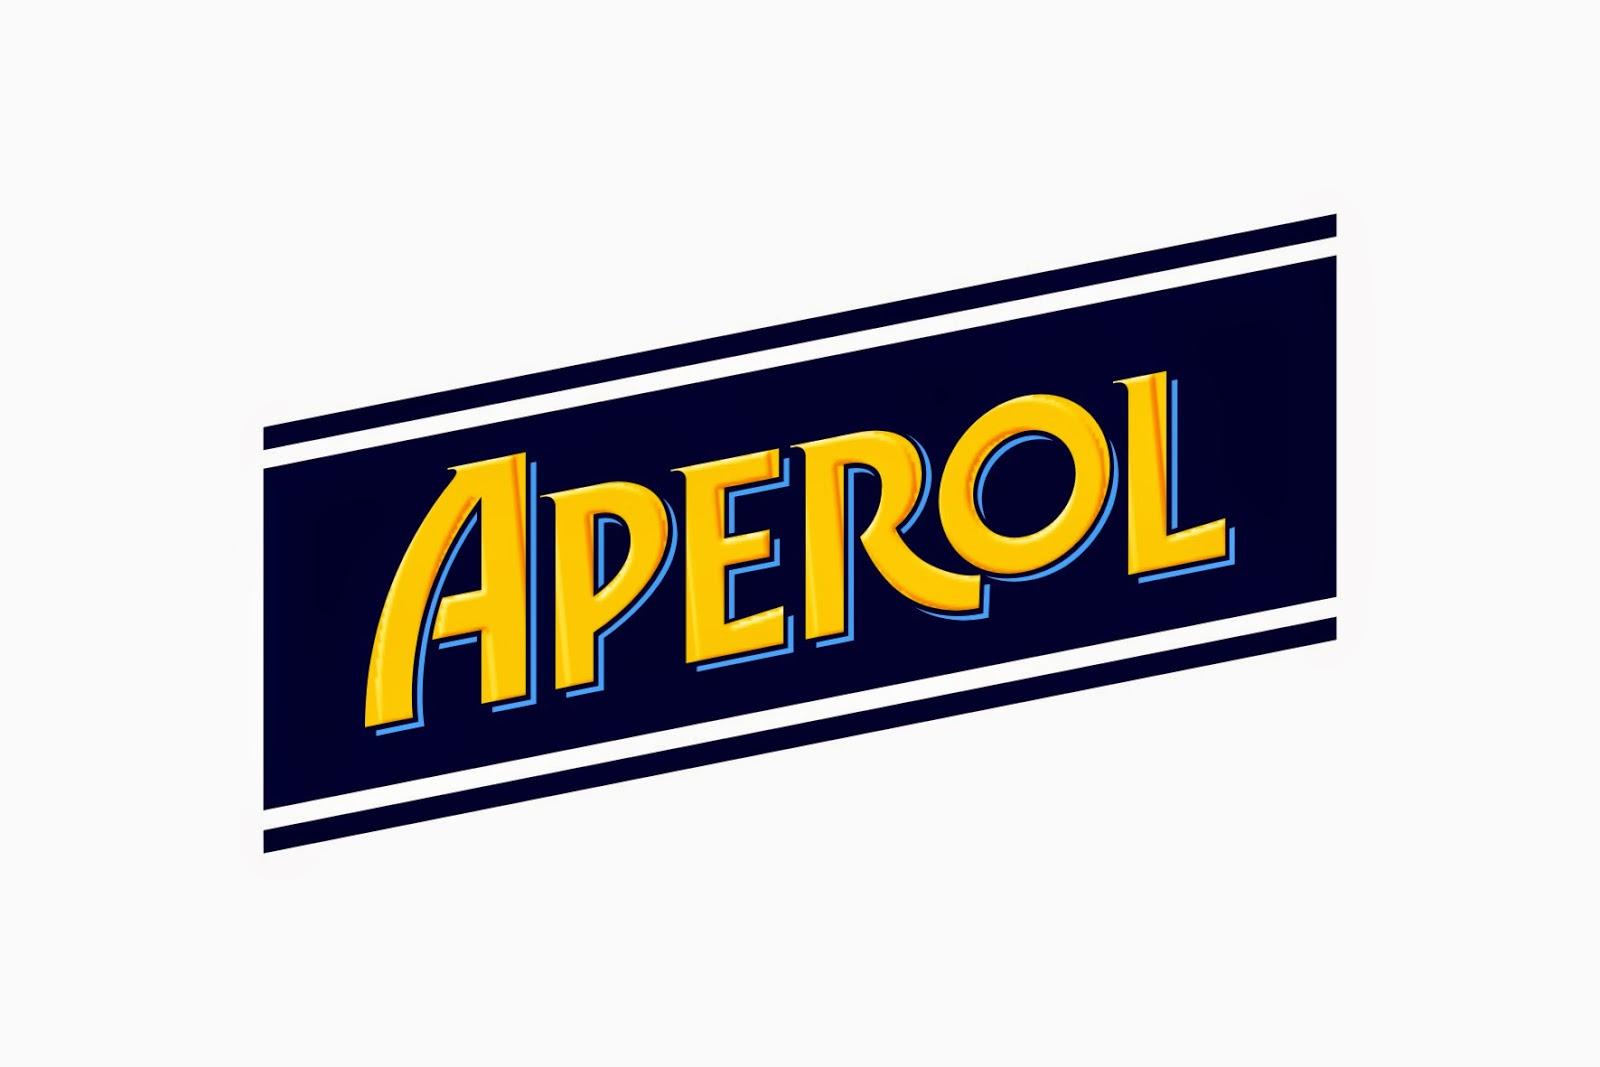 aperol-logo-1465118.JPG